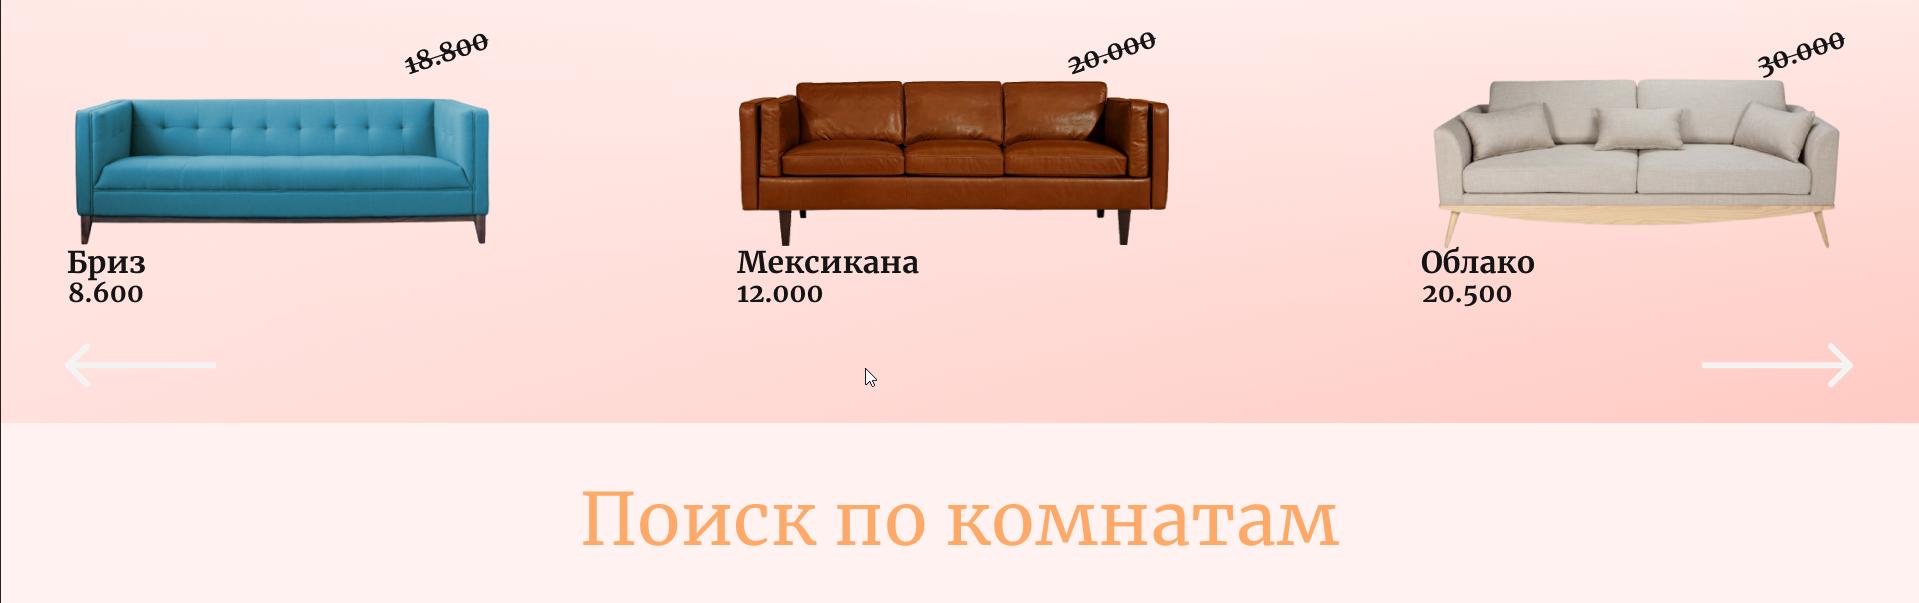 4d93b880f2